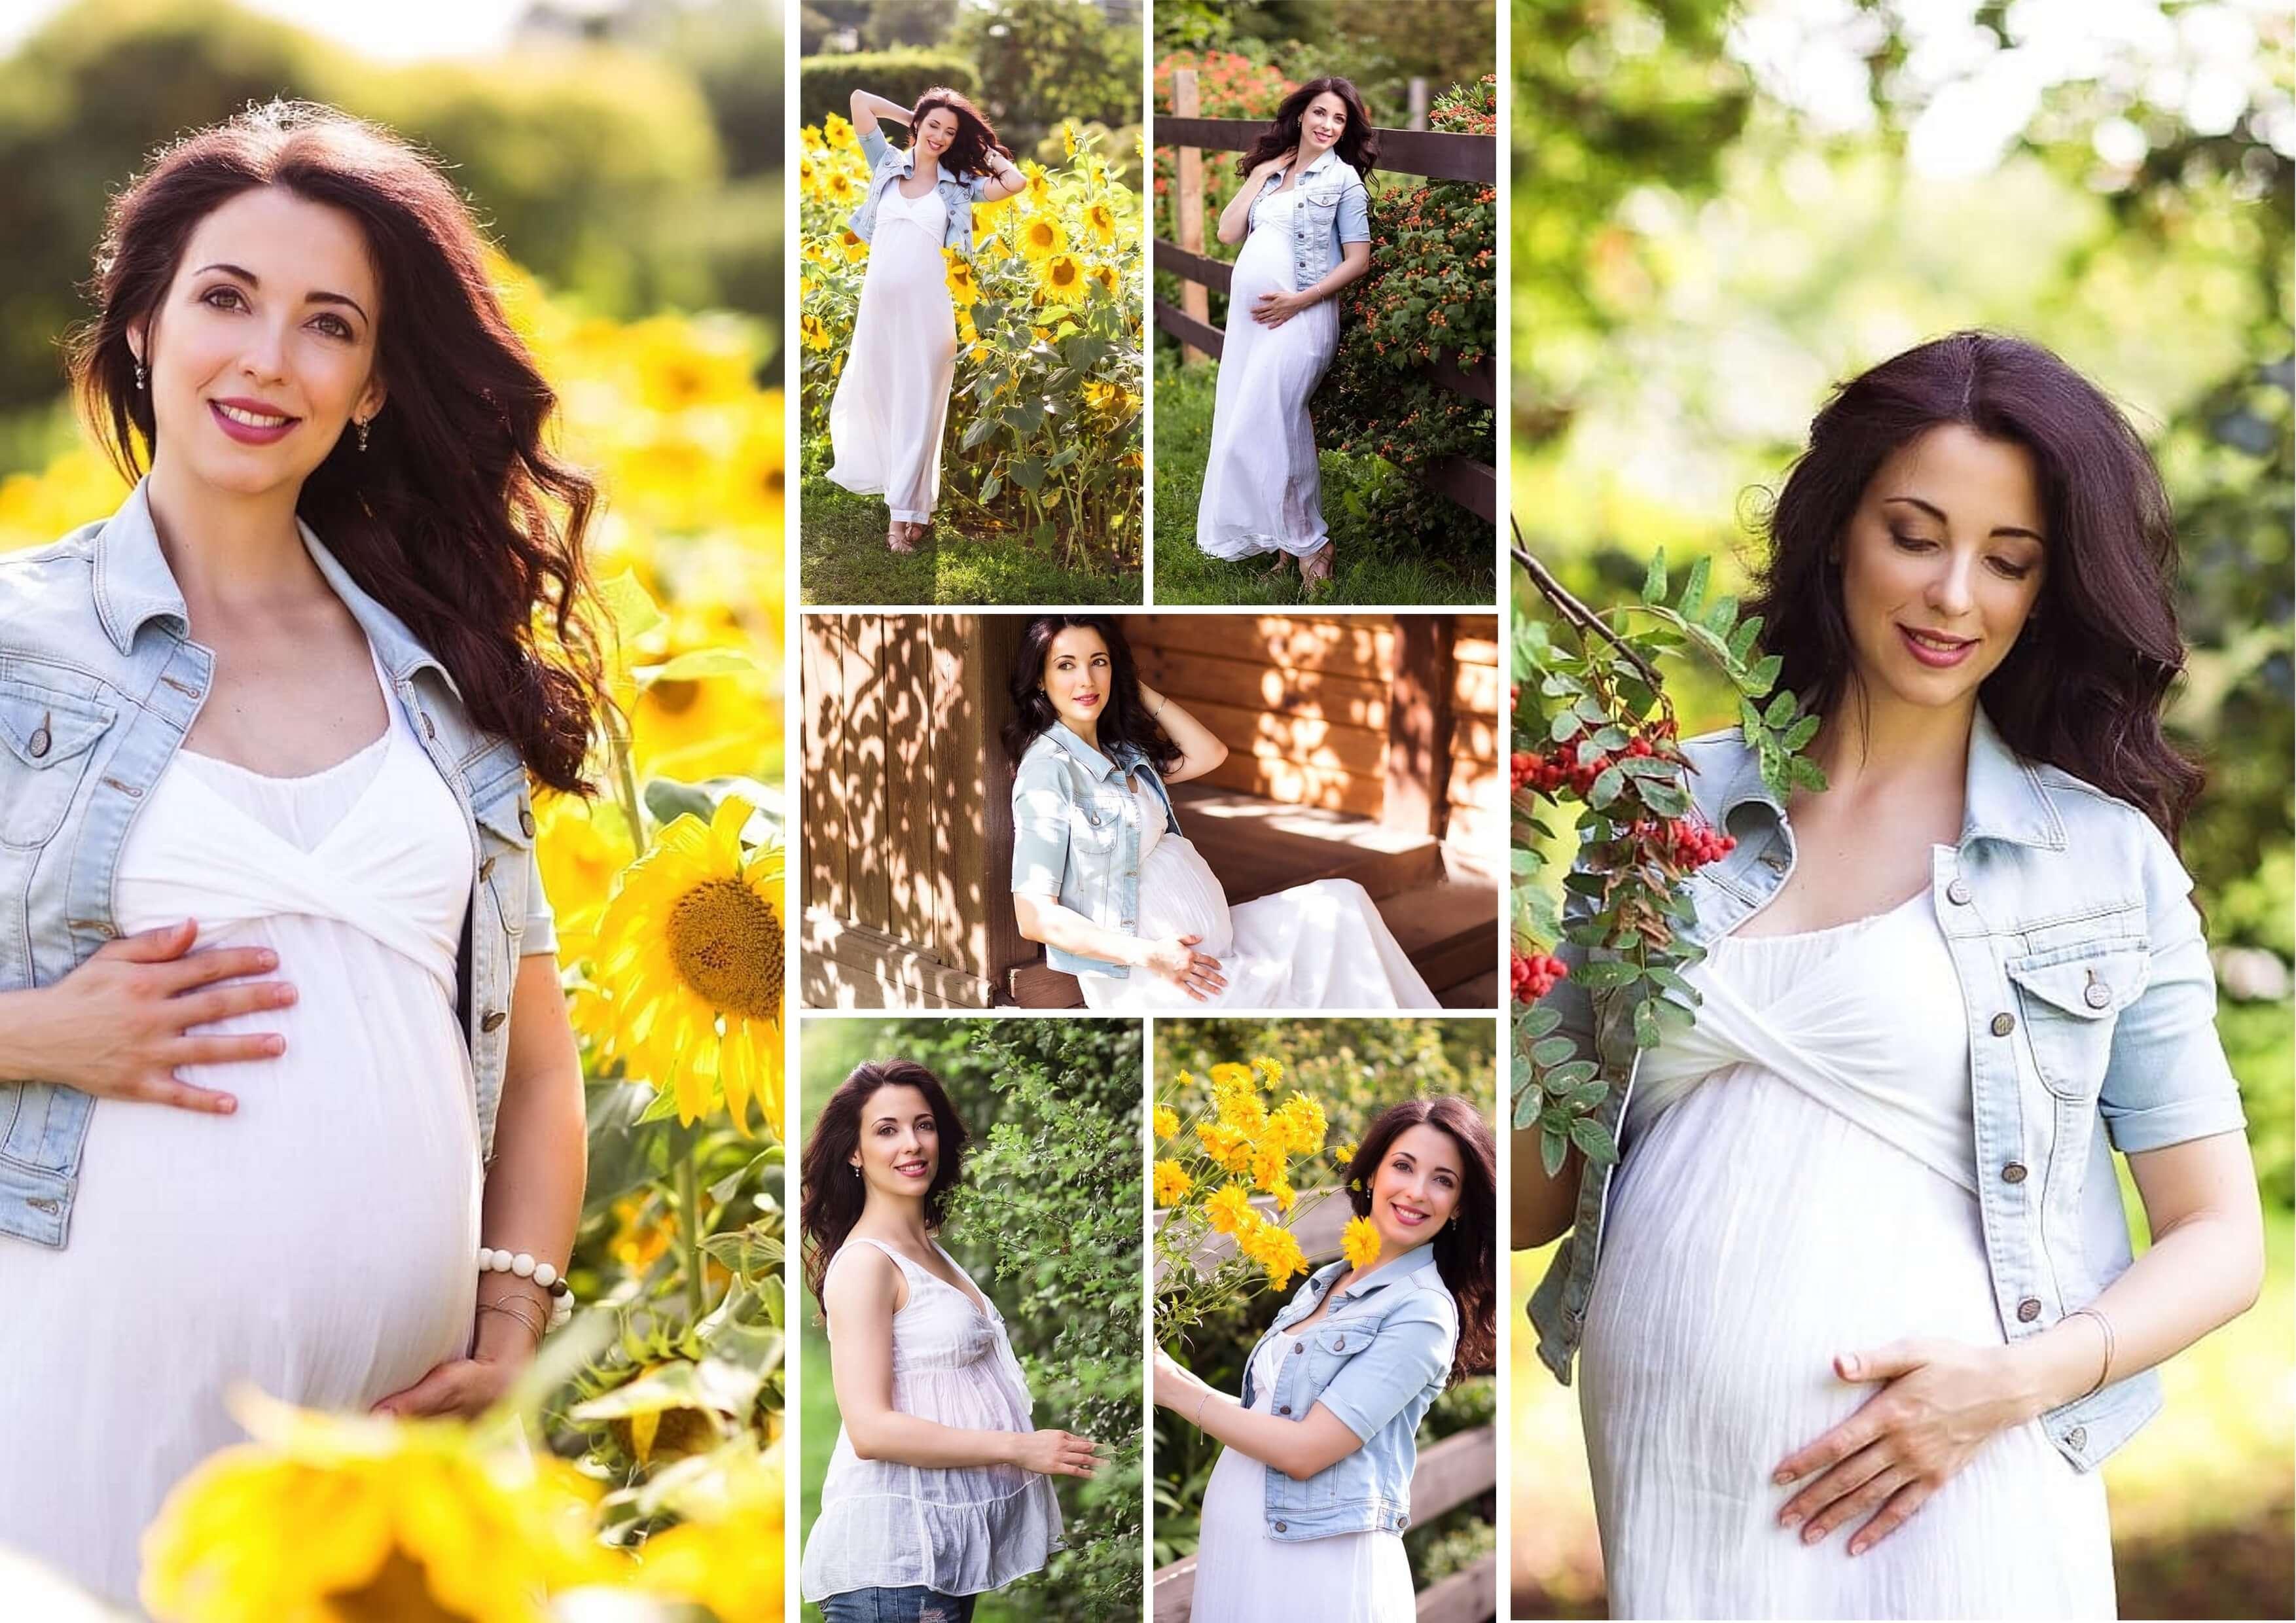 фотоколлаж твоей беременности